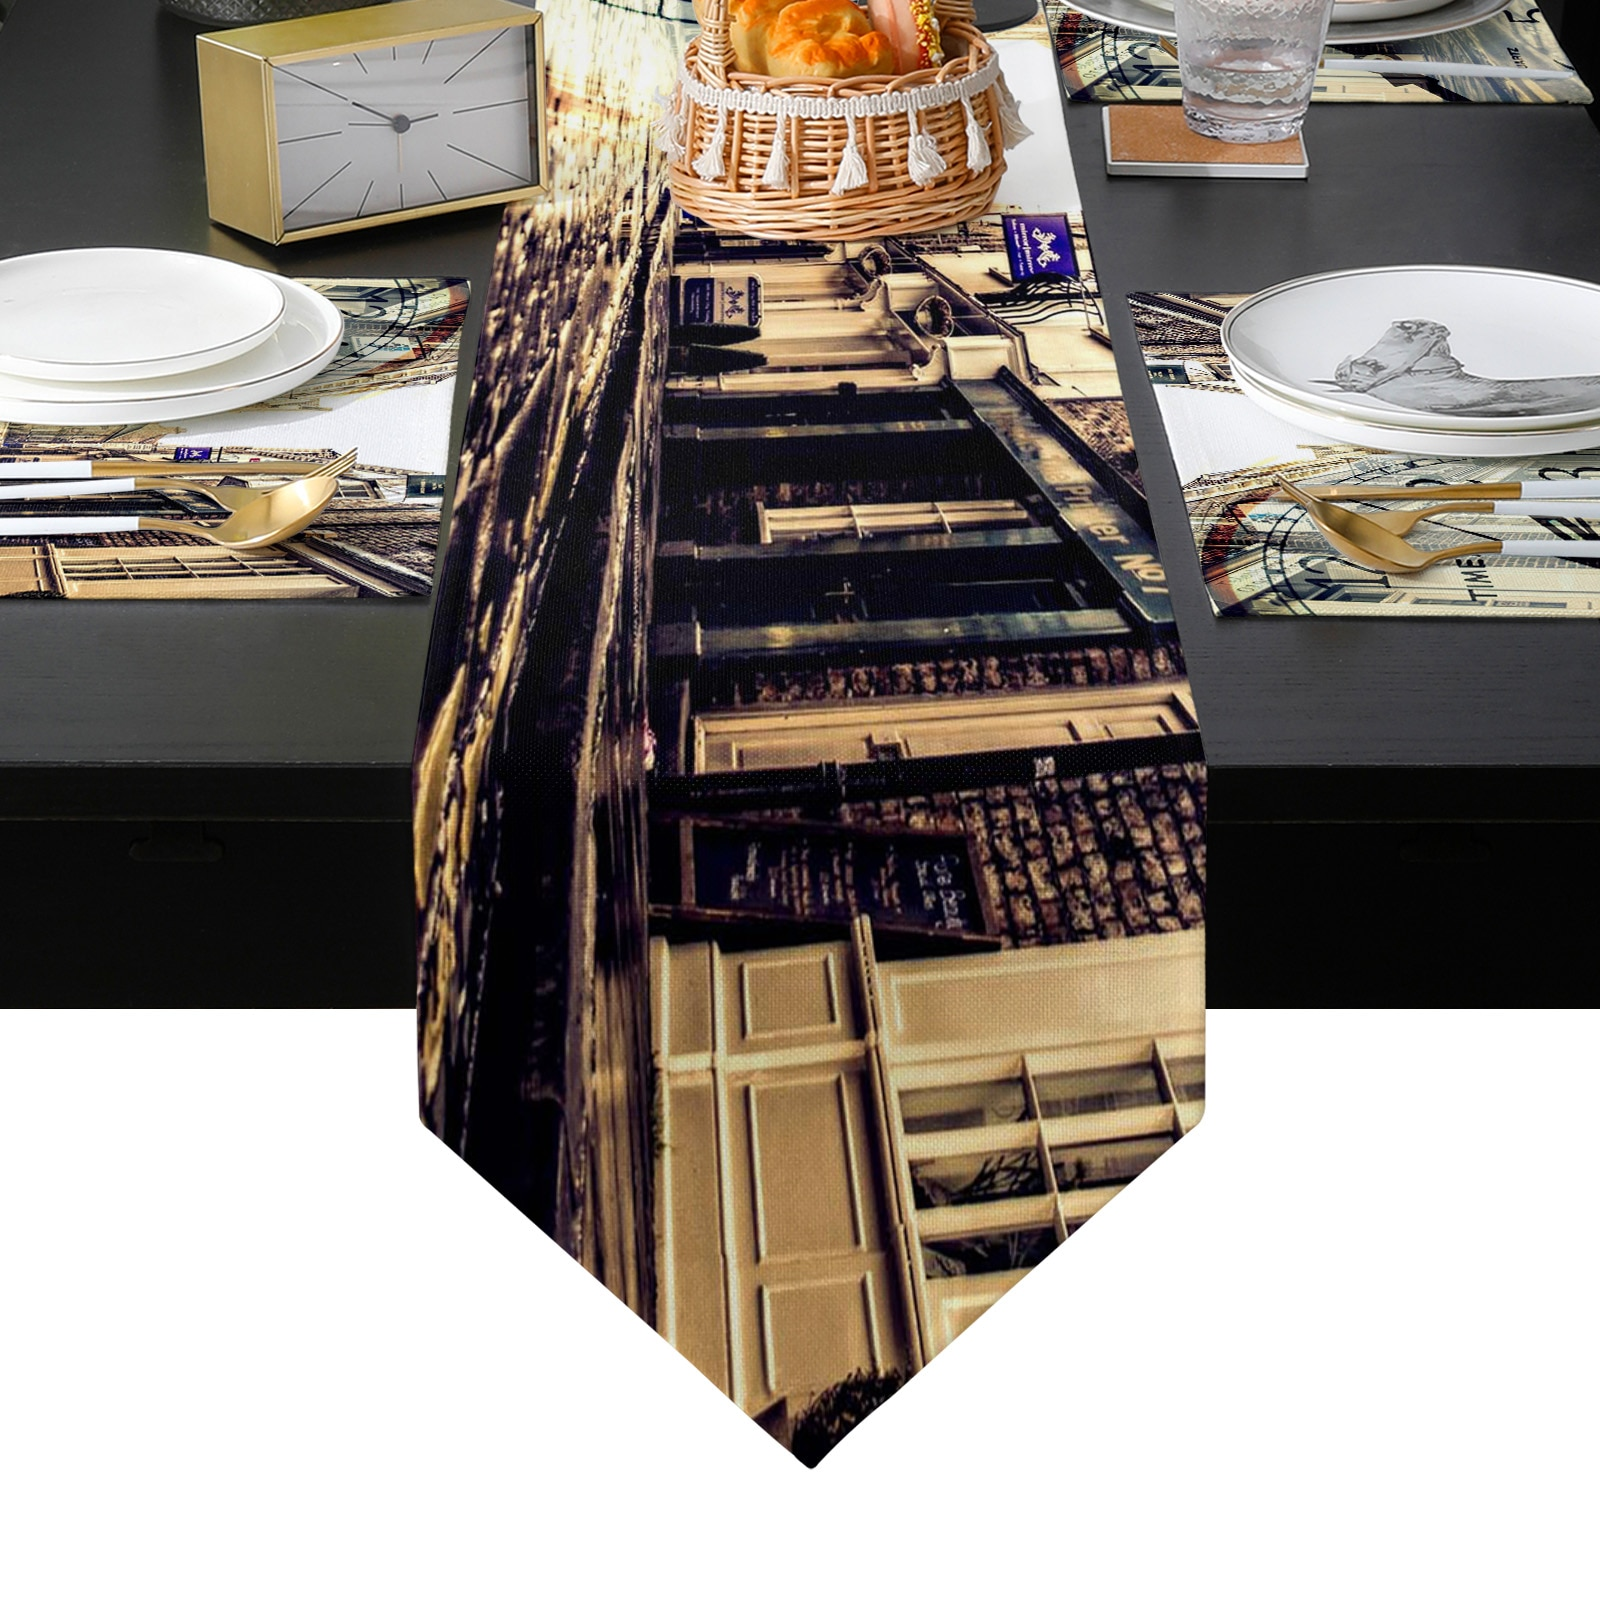 ساعة الرجعية الشارع الجدول عداء المفارش مجموعة للمنزل المطبخ طاولة طعام حفل زفاف عطلة عشاء الديكور